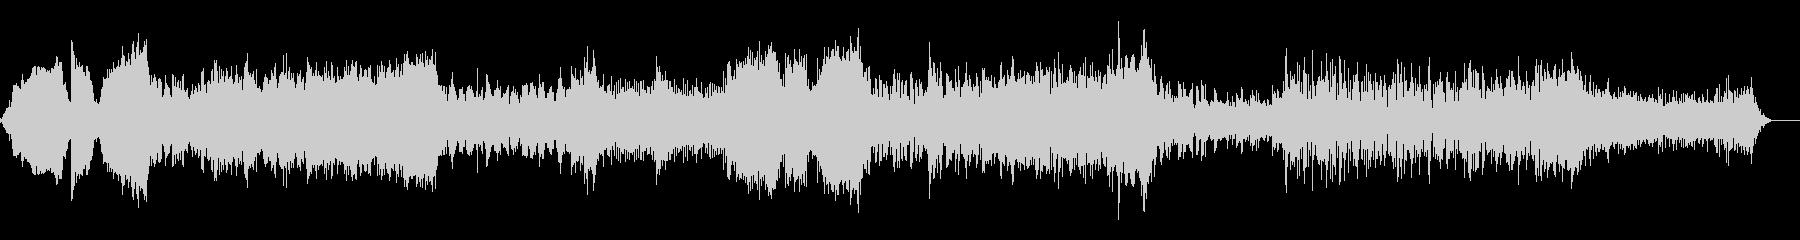 ハイブリットなムービートレーラーの未再生の波形